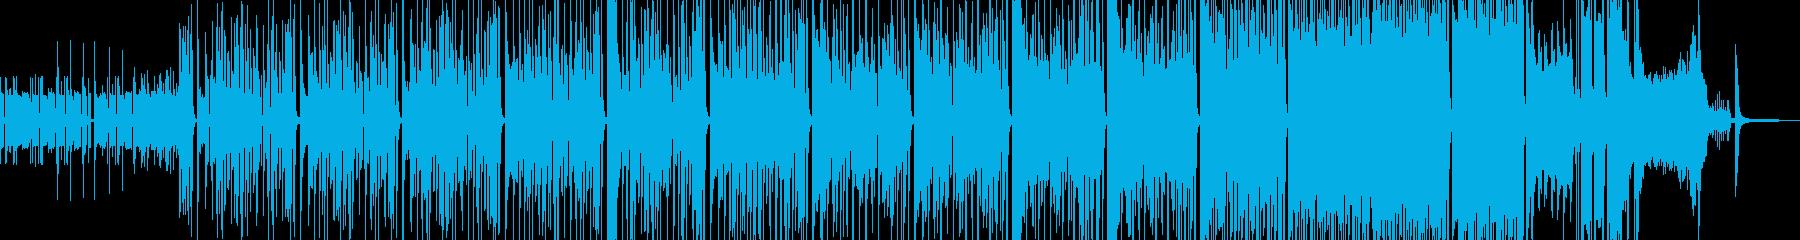 タイム制限クイズ・徐々に加速する構成の再生済みの波形